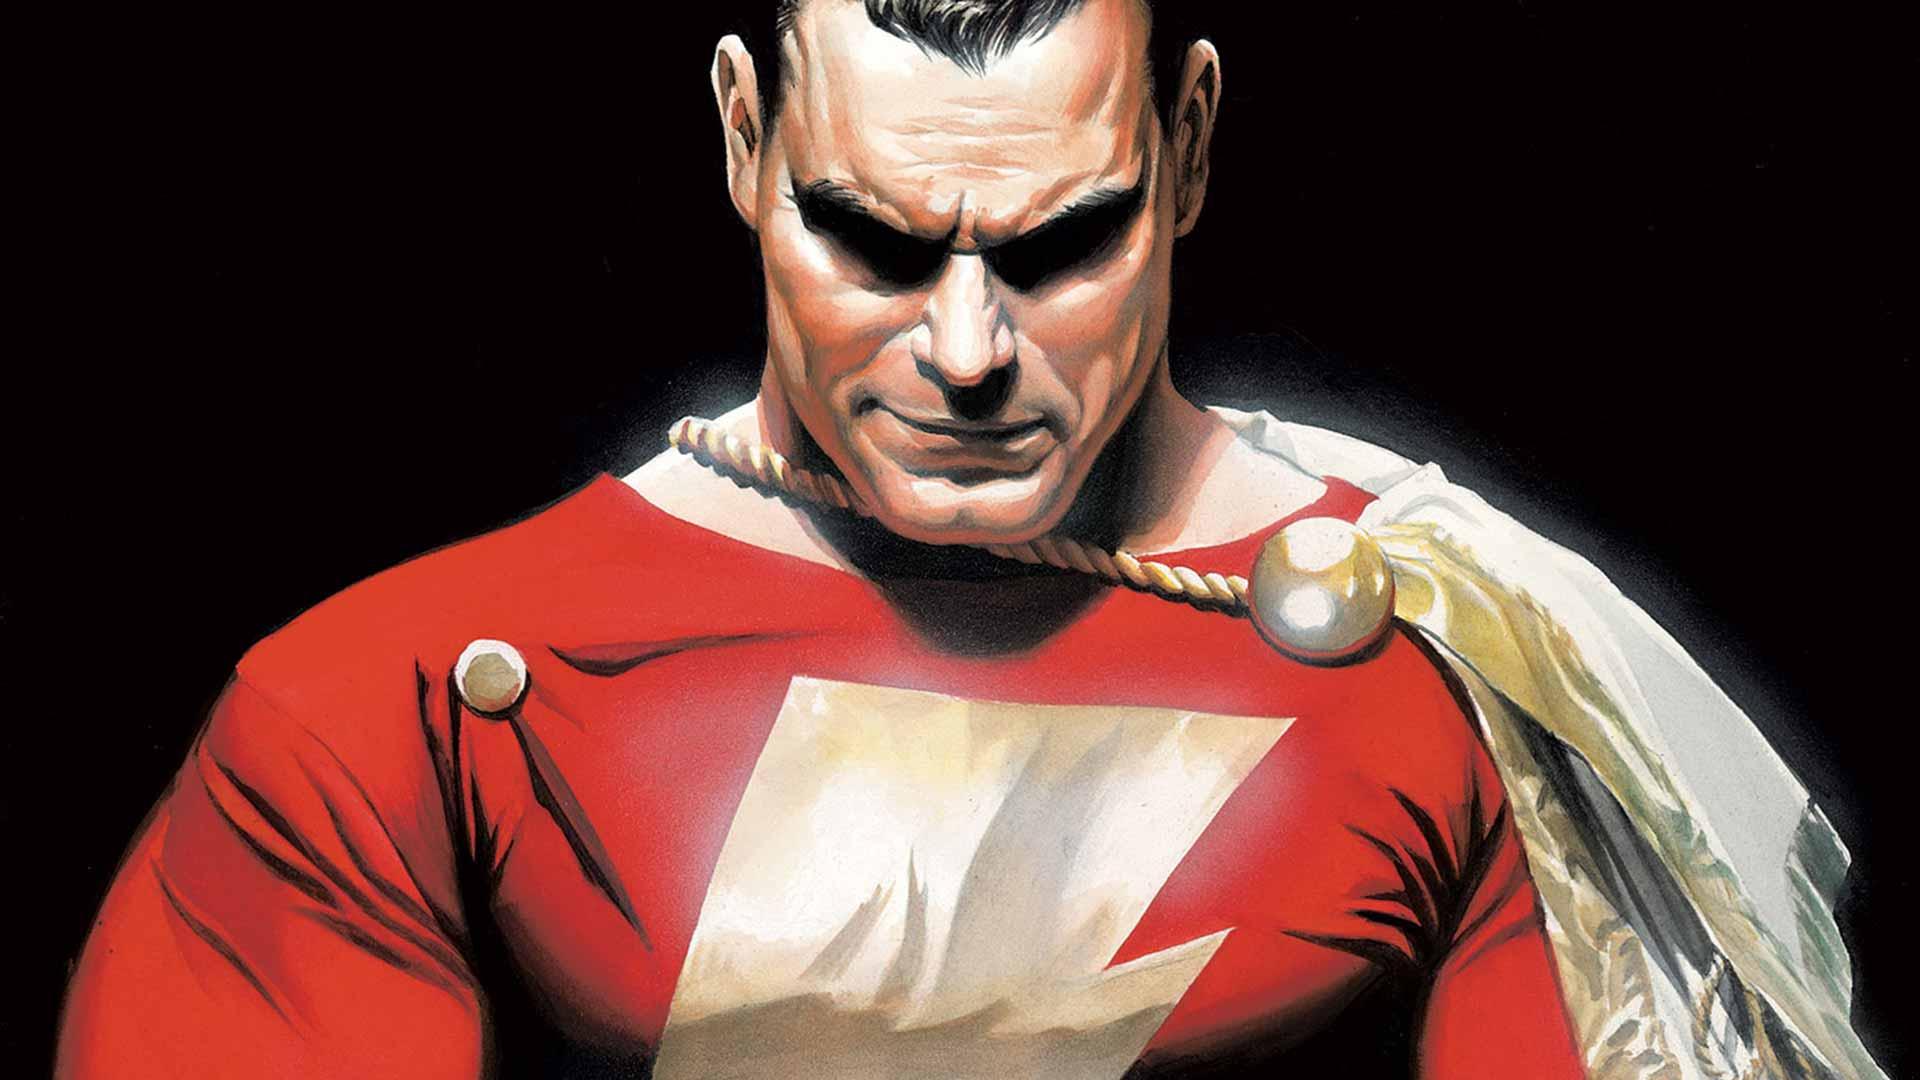 O porquê de Capitão Marvel/Shazam ser o maior super-herói das HQs